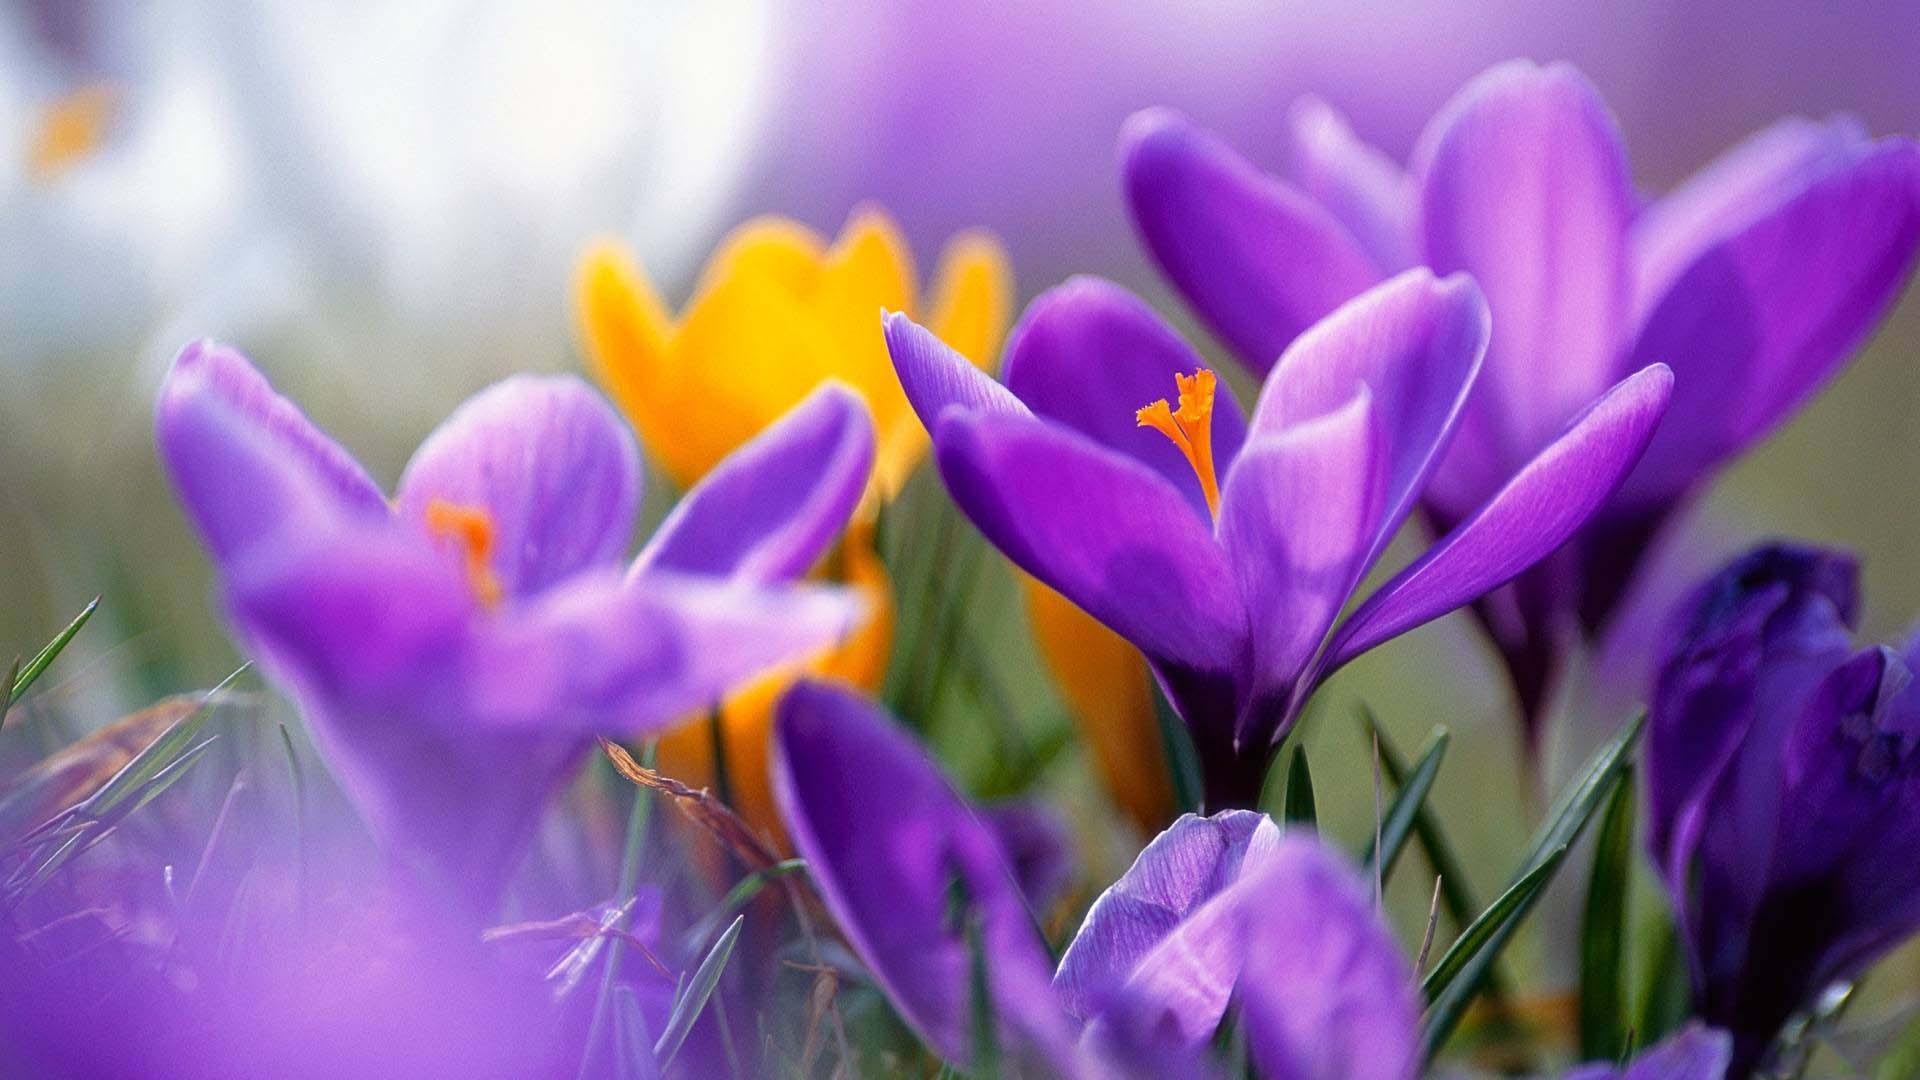 purple crocus flower